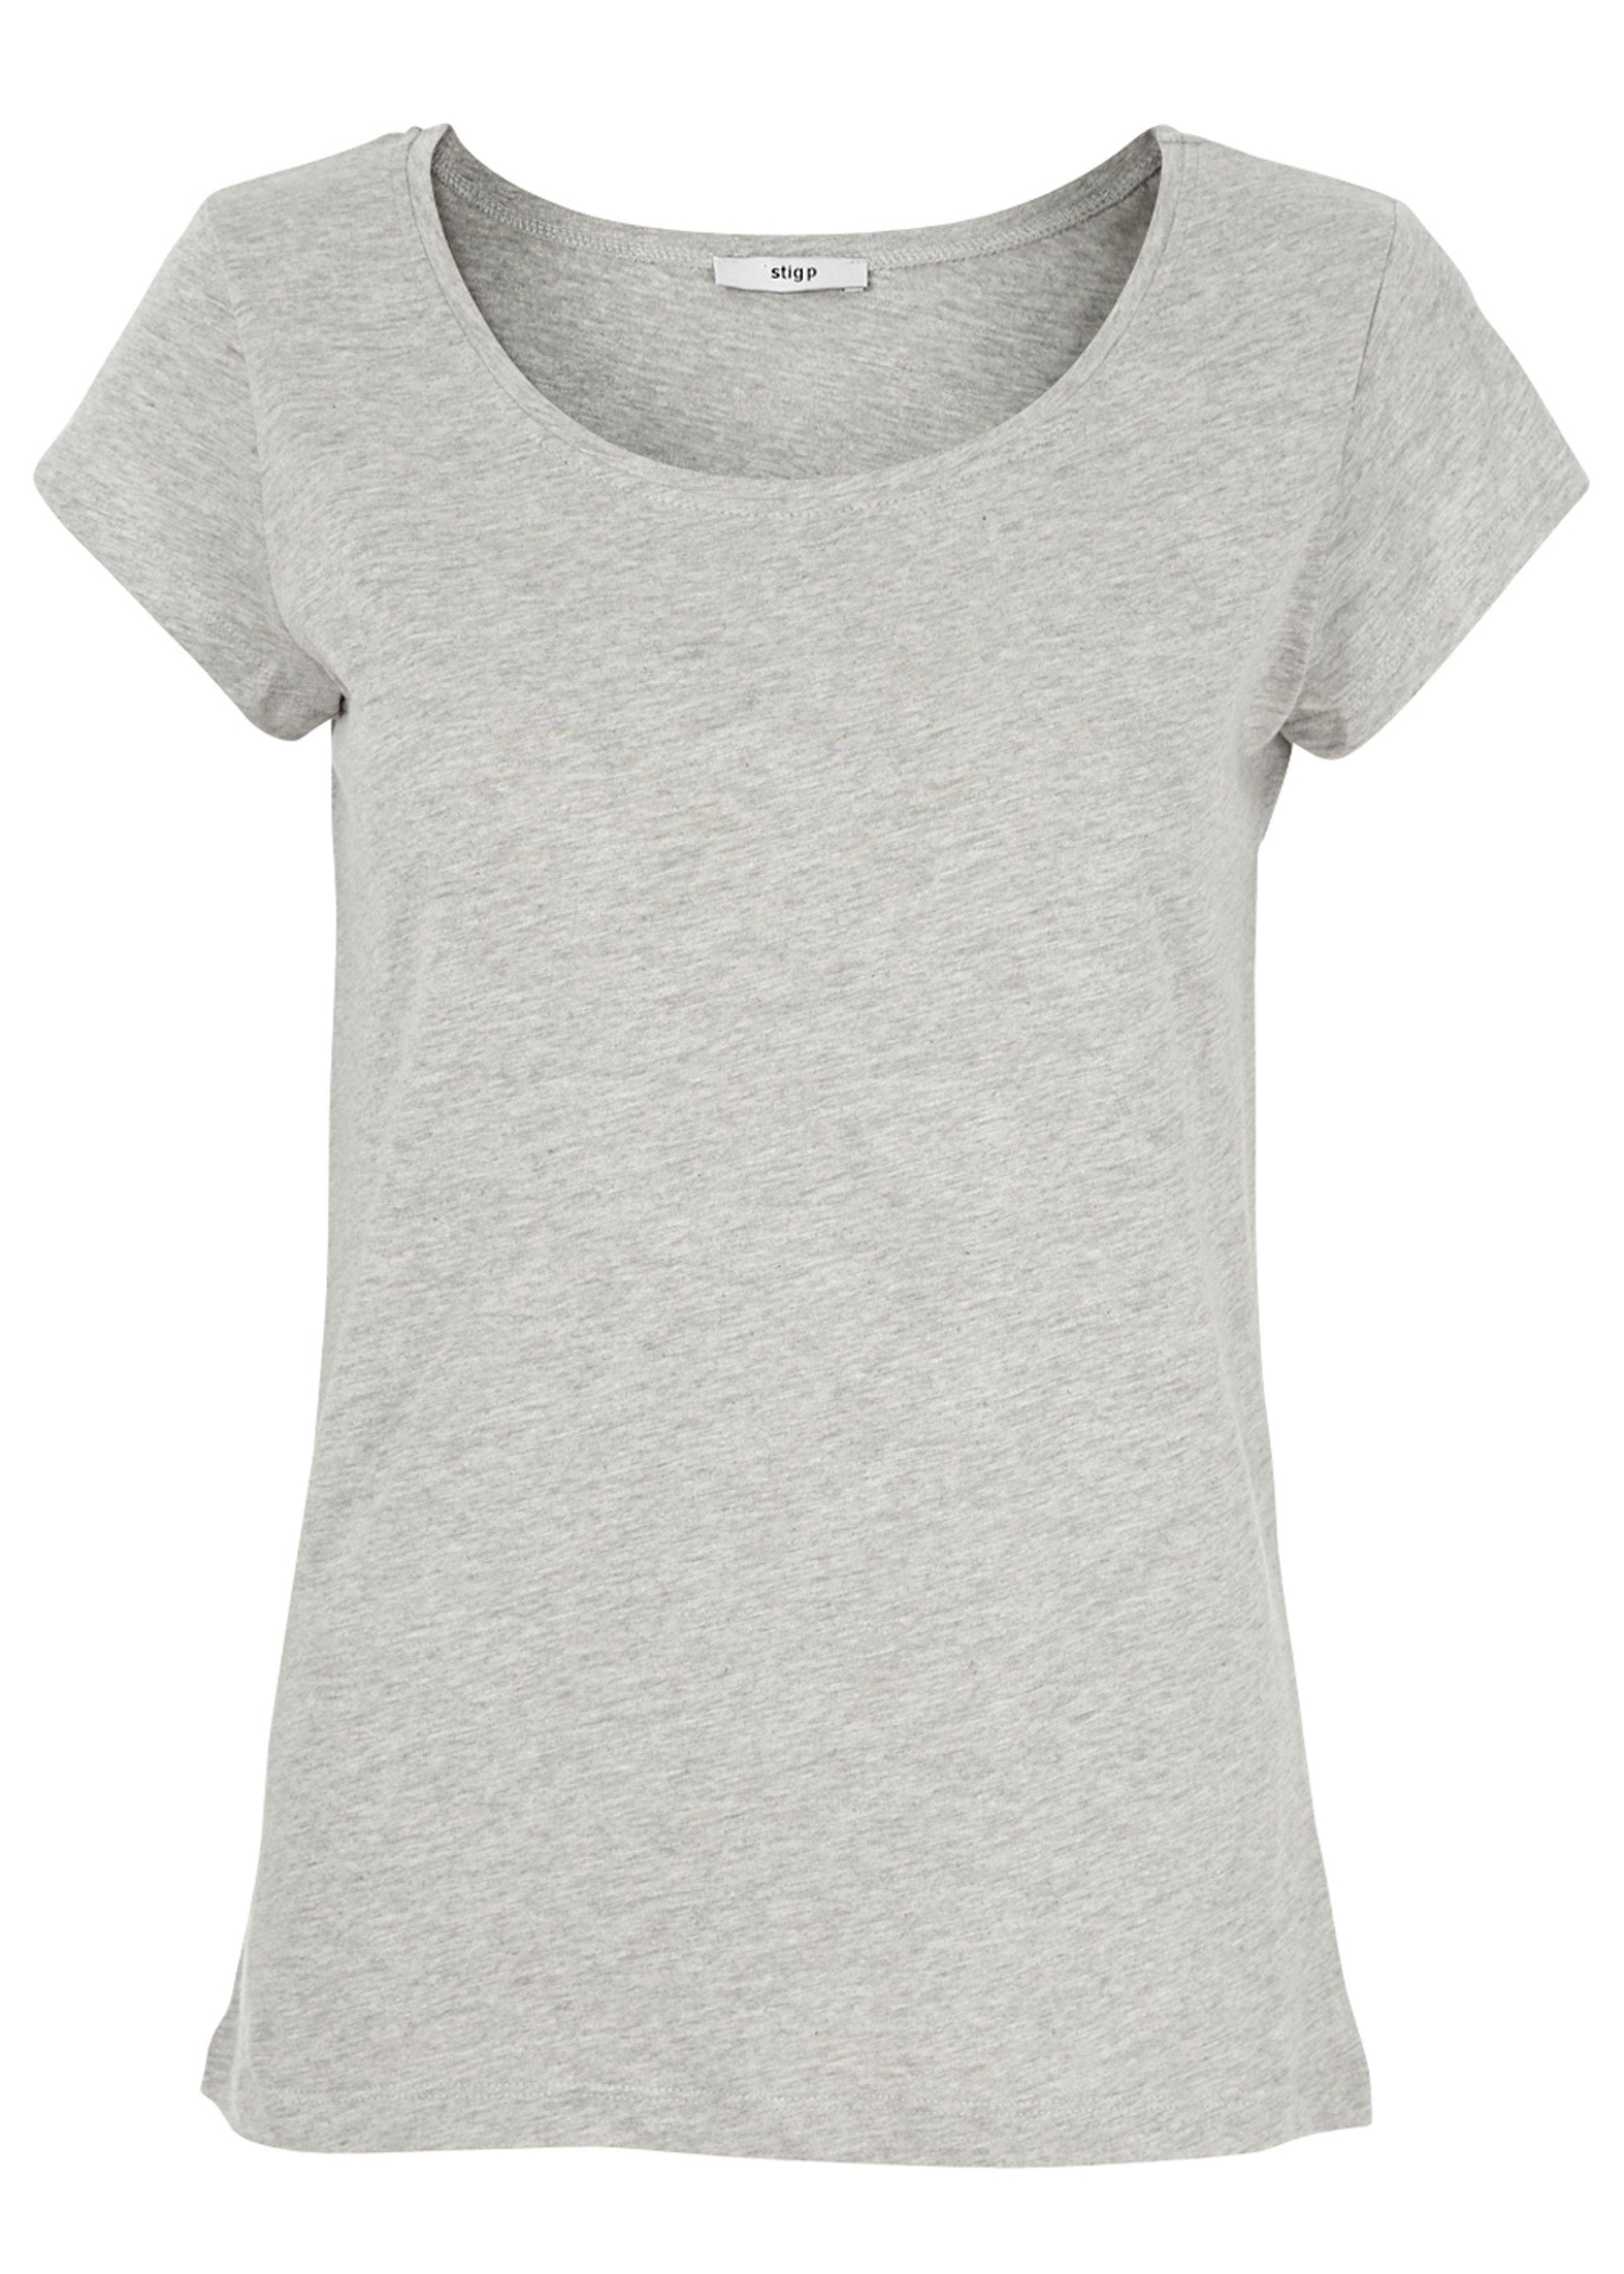 Liu t-shirt